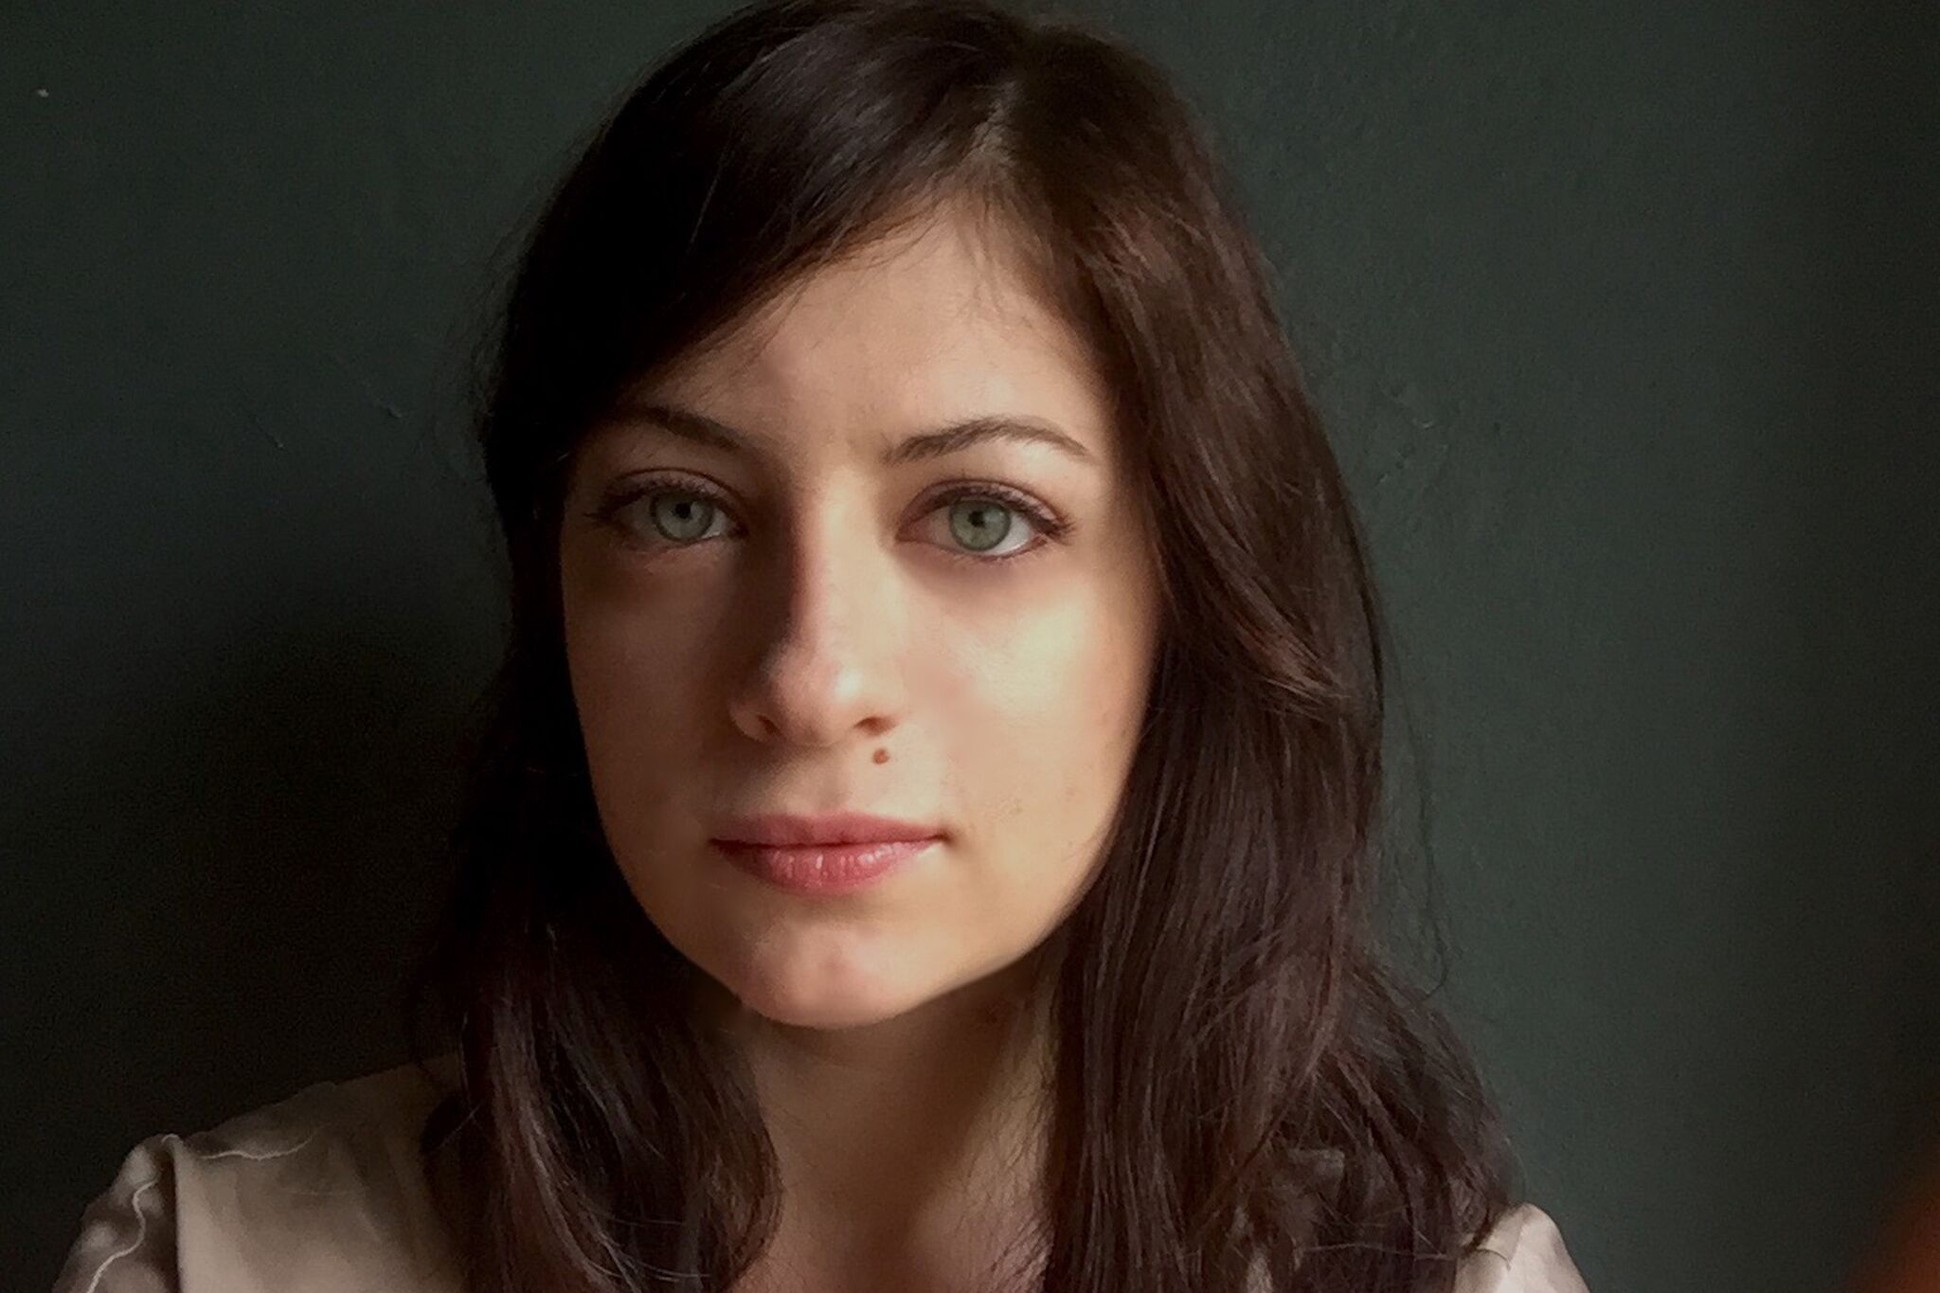 Image of Rachel Corbett. Courtesy of Rainer Ganahl.